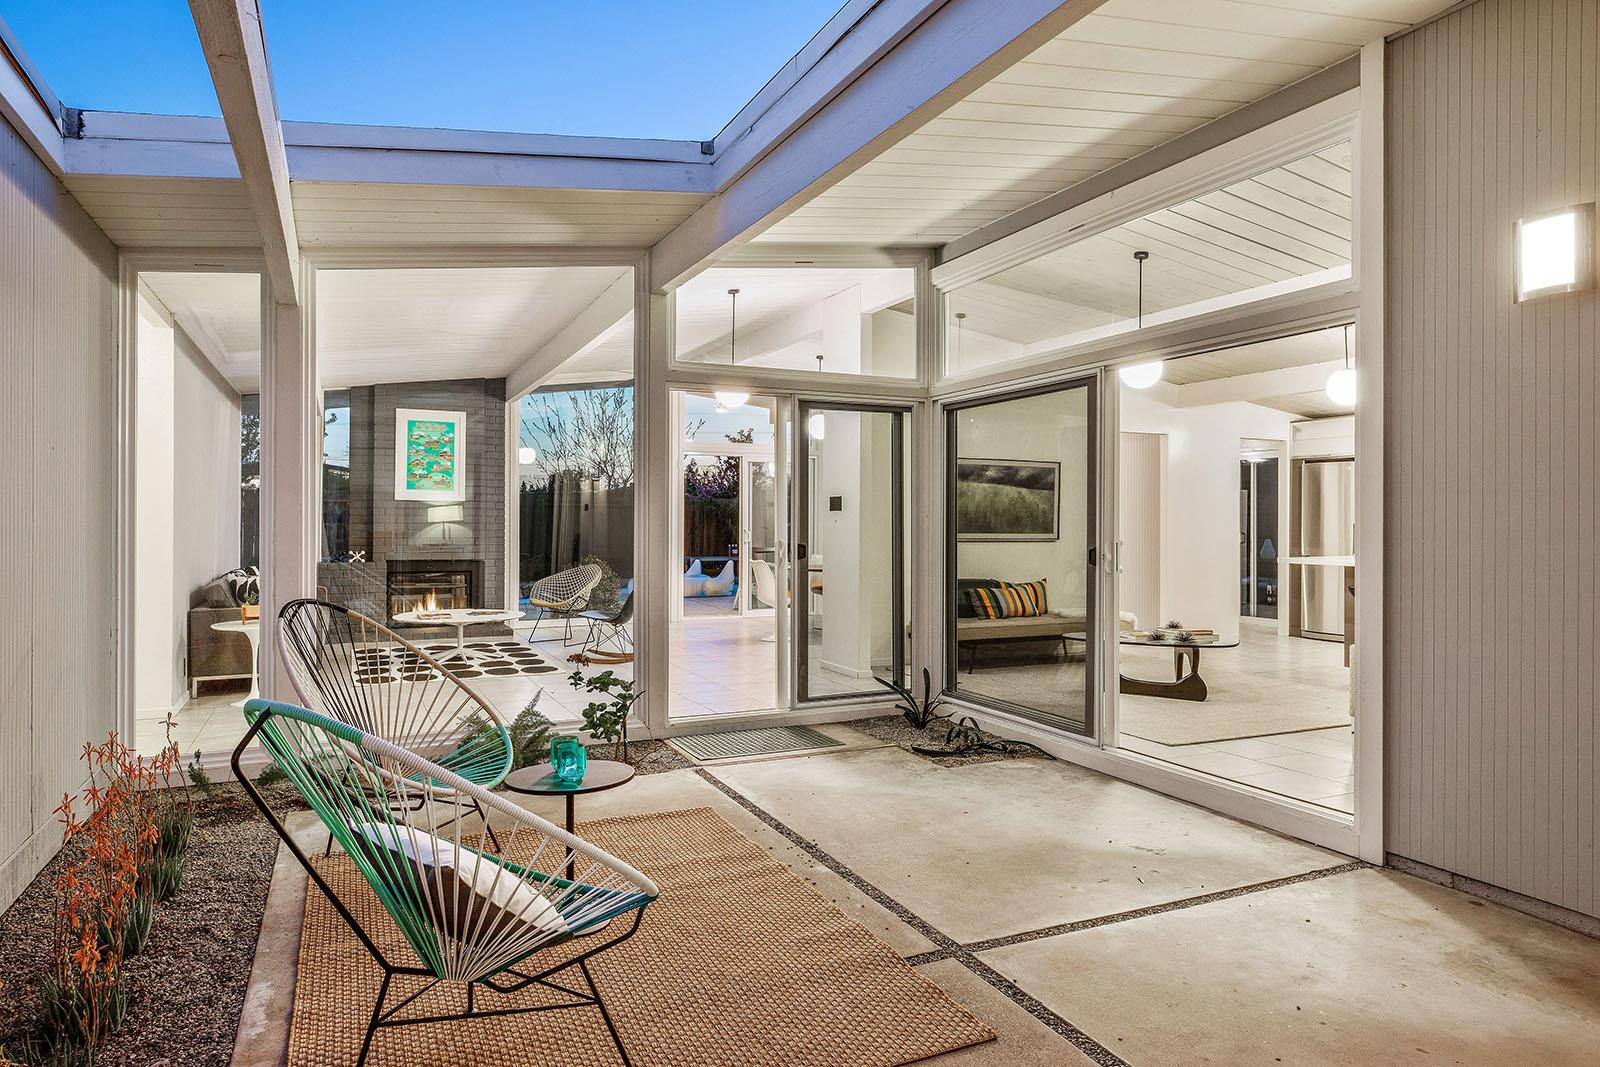 Eichler Blog Real Estate Blog About Eichler Homes Mid